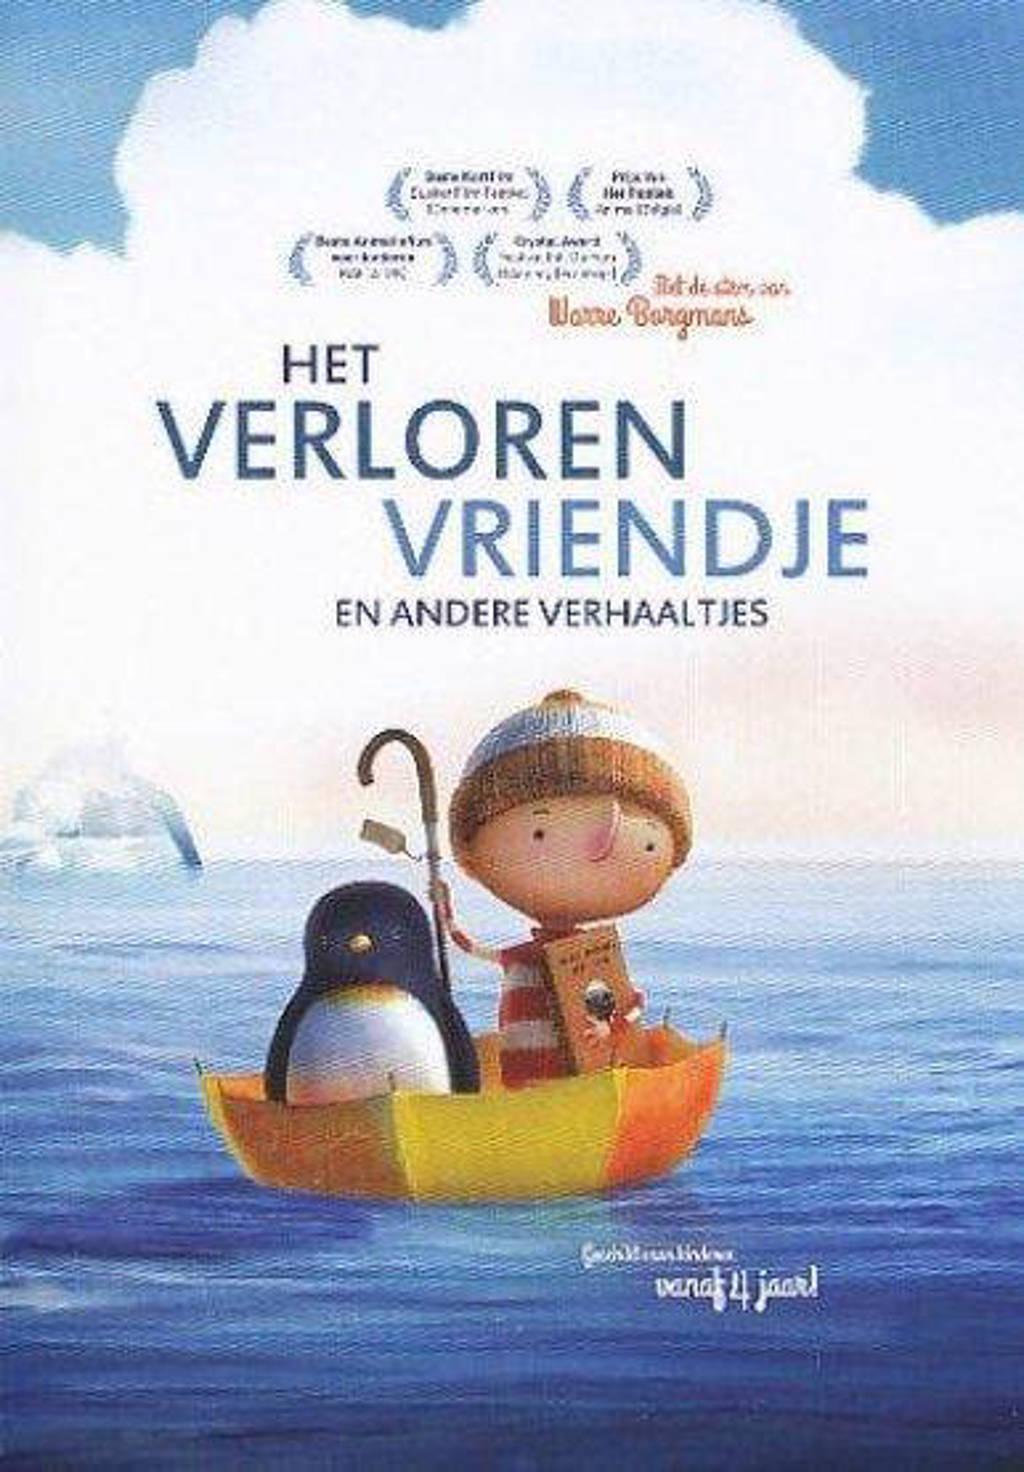 Verloren vriendje en andere verhaaltjes (DVD)